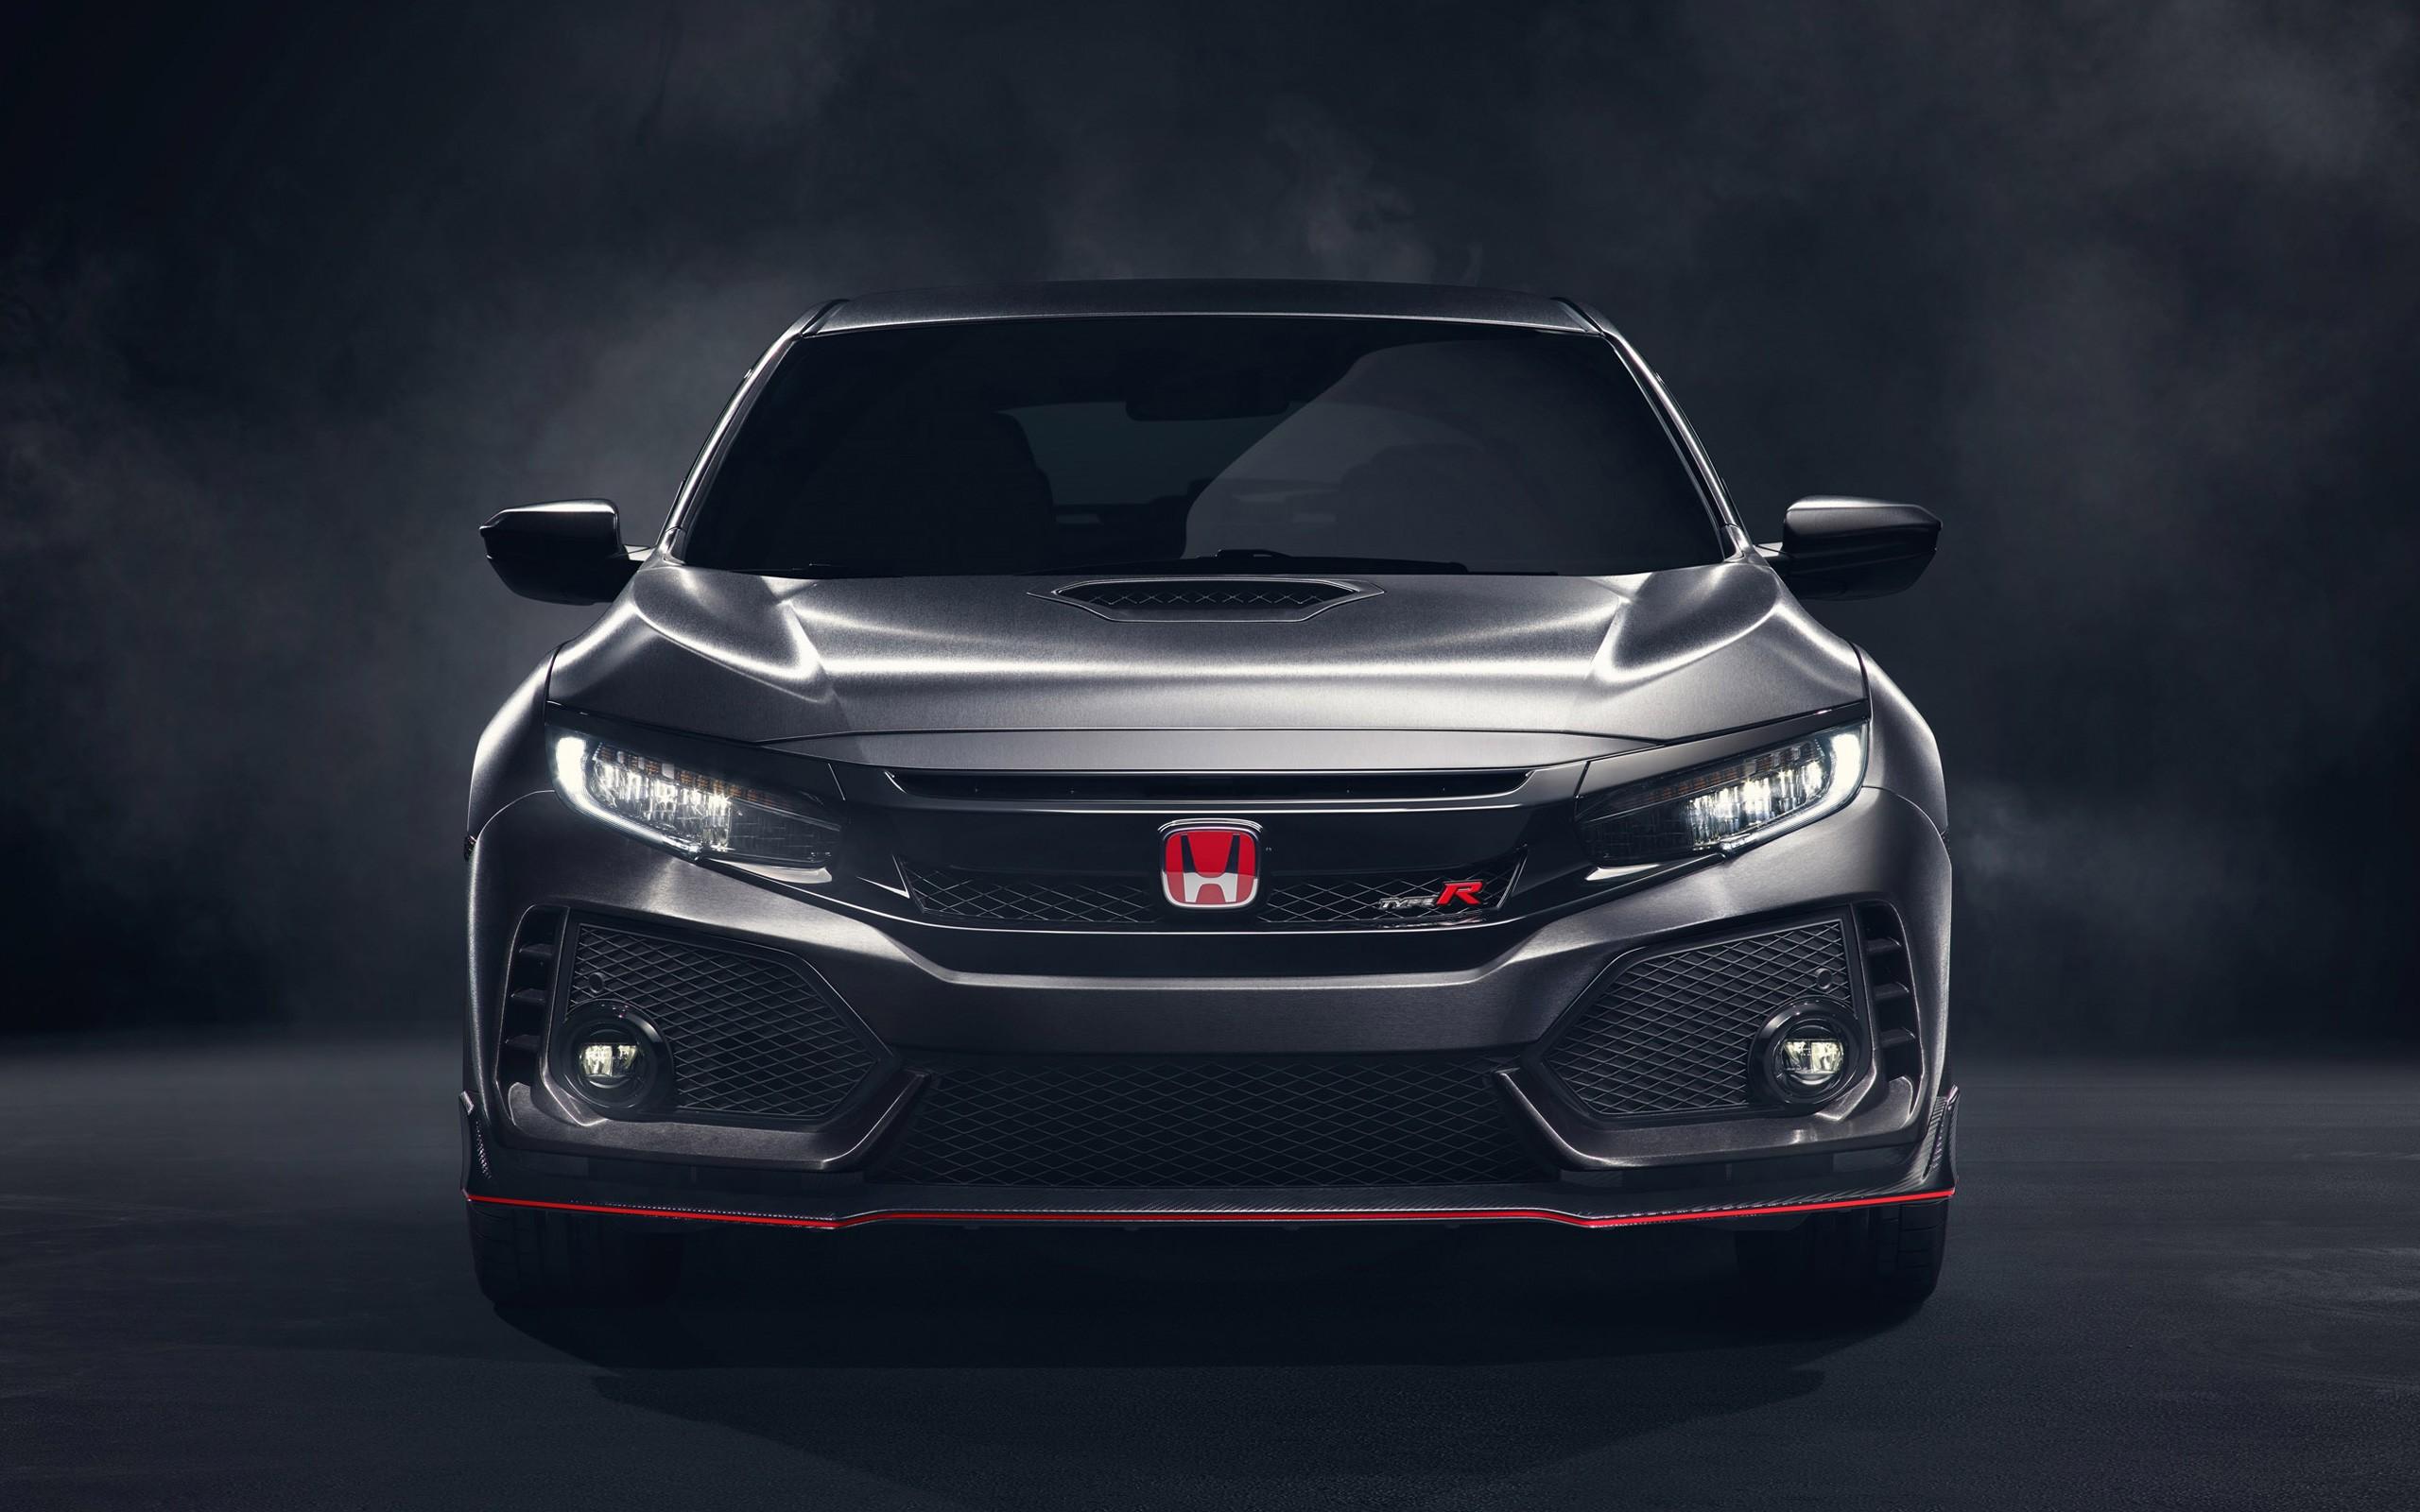 2017 Honda Civic Type R Wallpaper Hd Car Wallpapers Id 7022